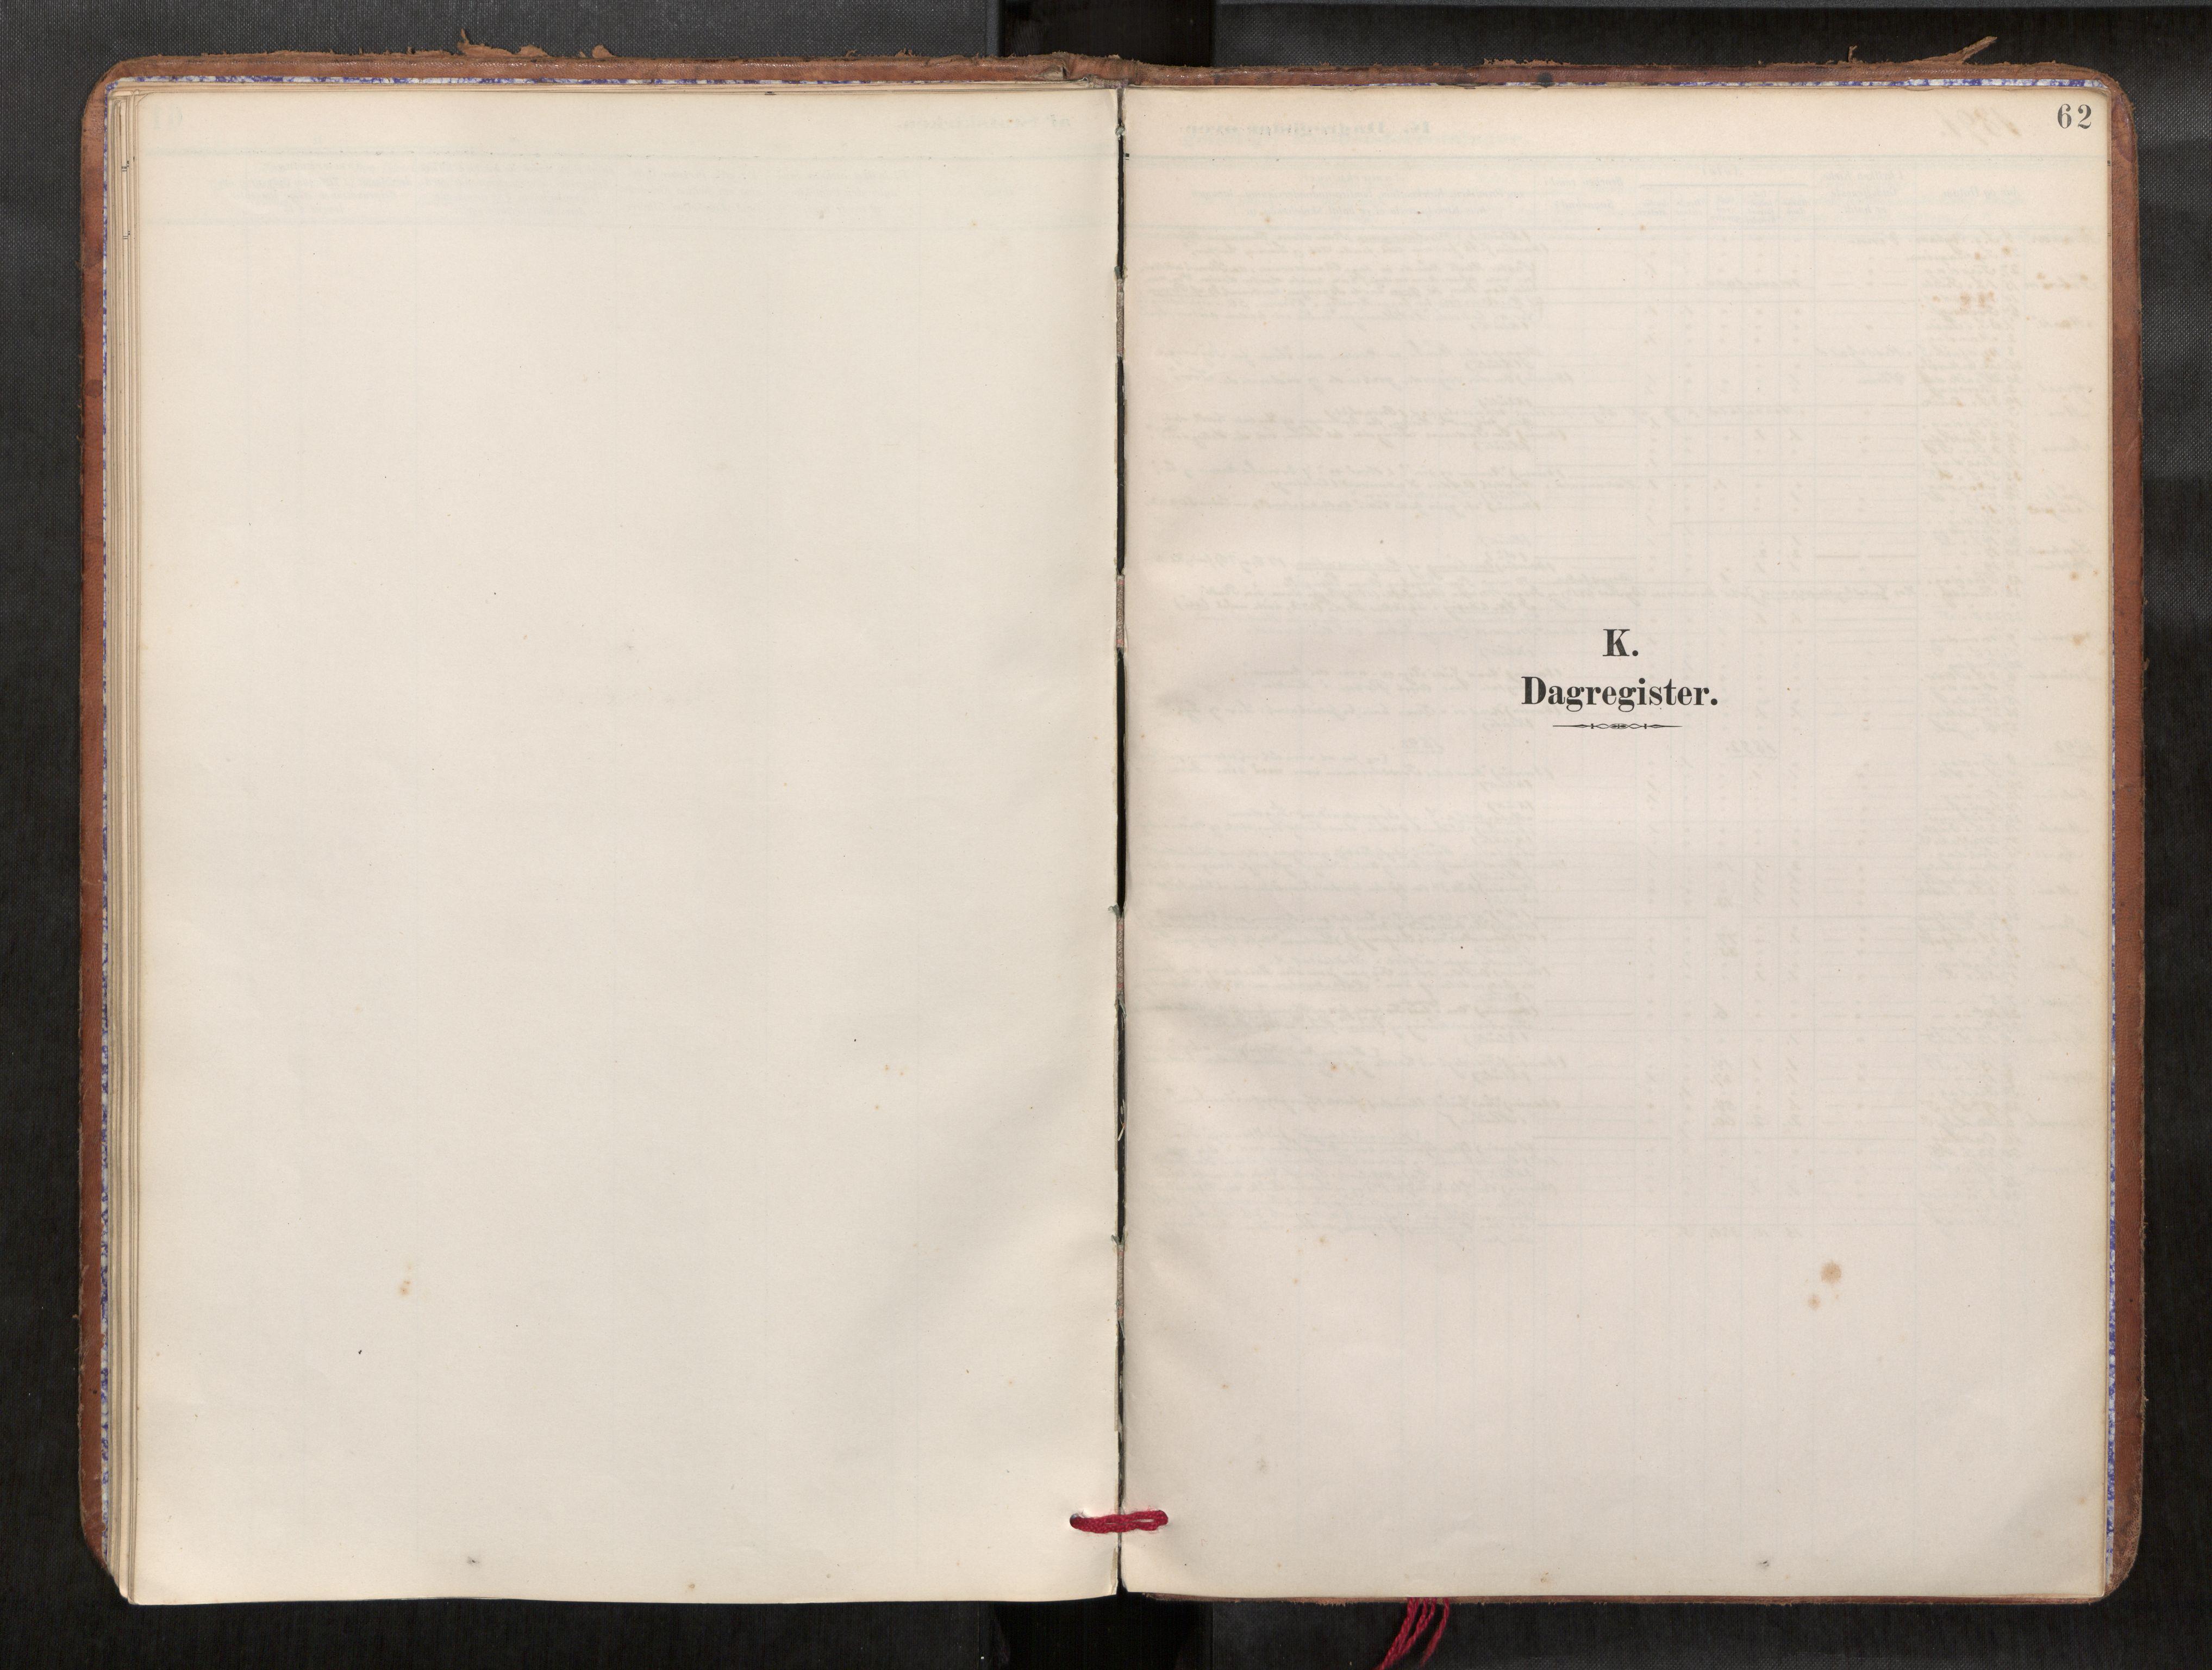 SAT, Verdal sokneprestkontor*, Parish register (official) no. 1, 1891-1907, p. 62